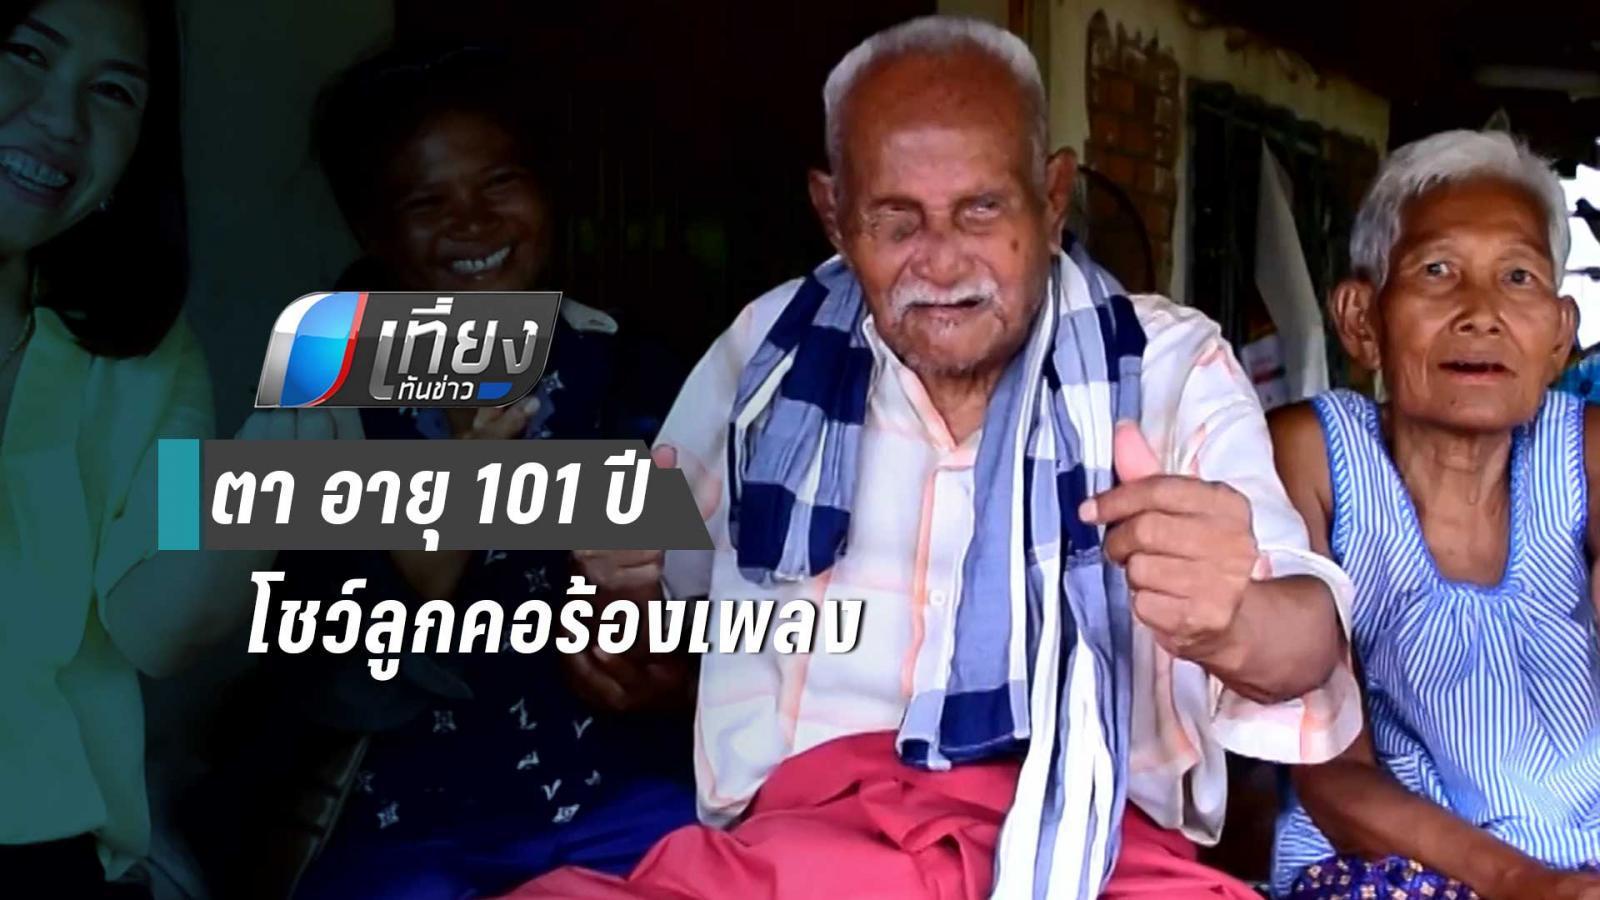 """""""คุณตา 5 แผ่นดิน"""" อายุ 101 ปี โชว์ลูกคอร้องเพลงได้สบาย เผยกินกล้วยน้ำว้าทุกวัน"""